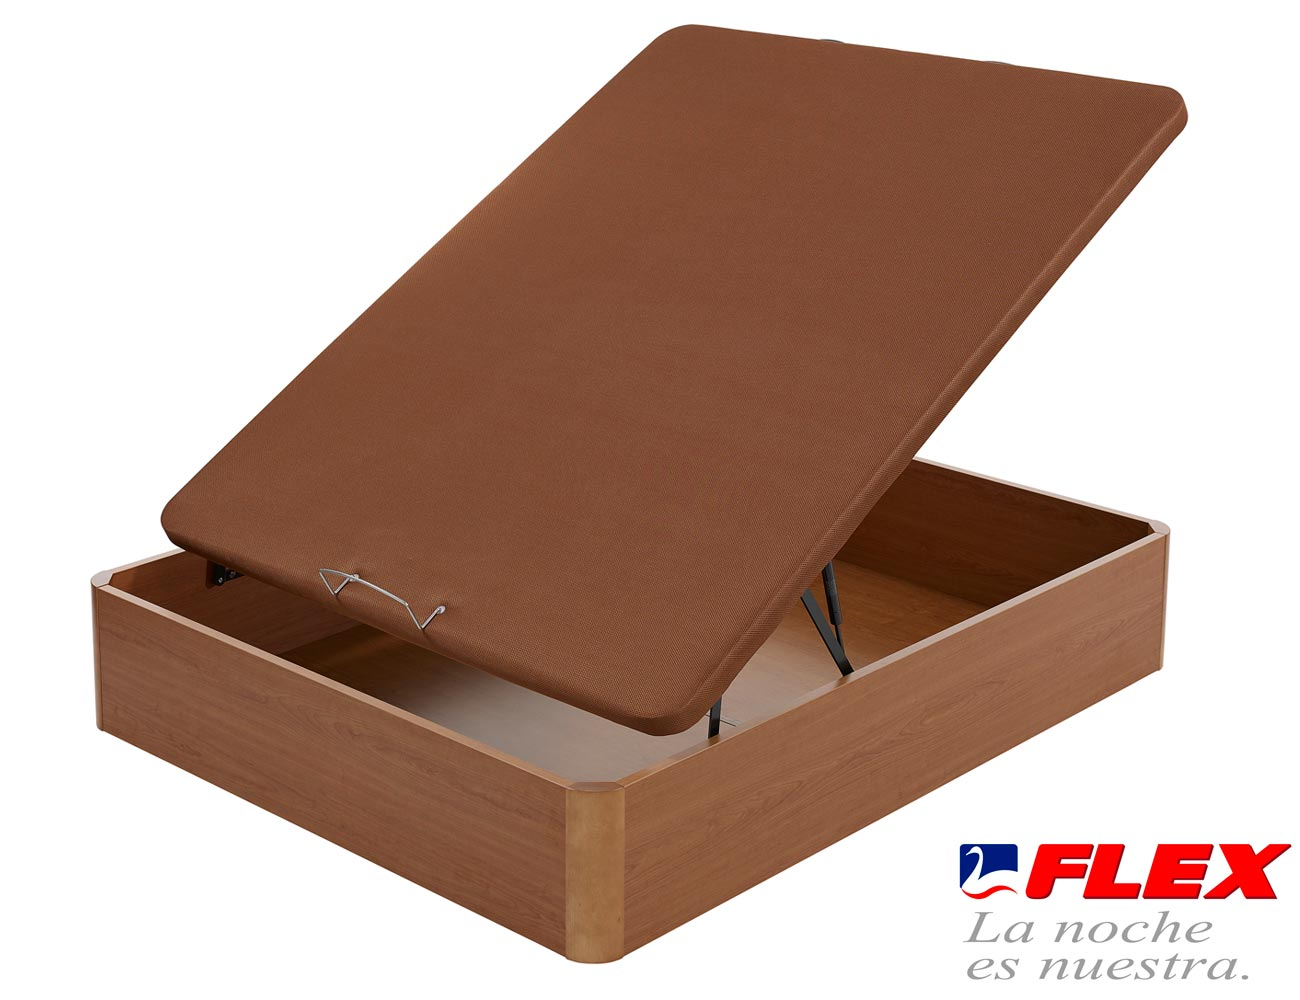 Canape flex madera abatible tapa3d 83